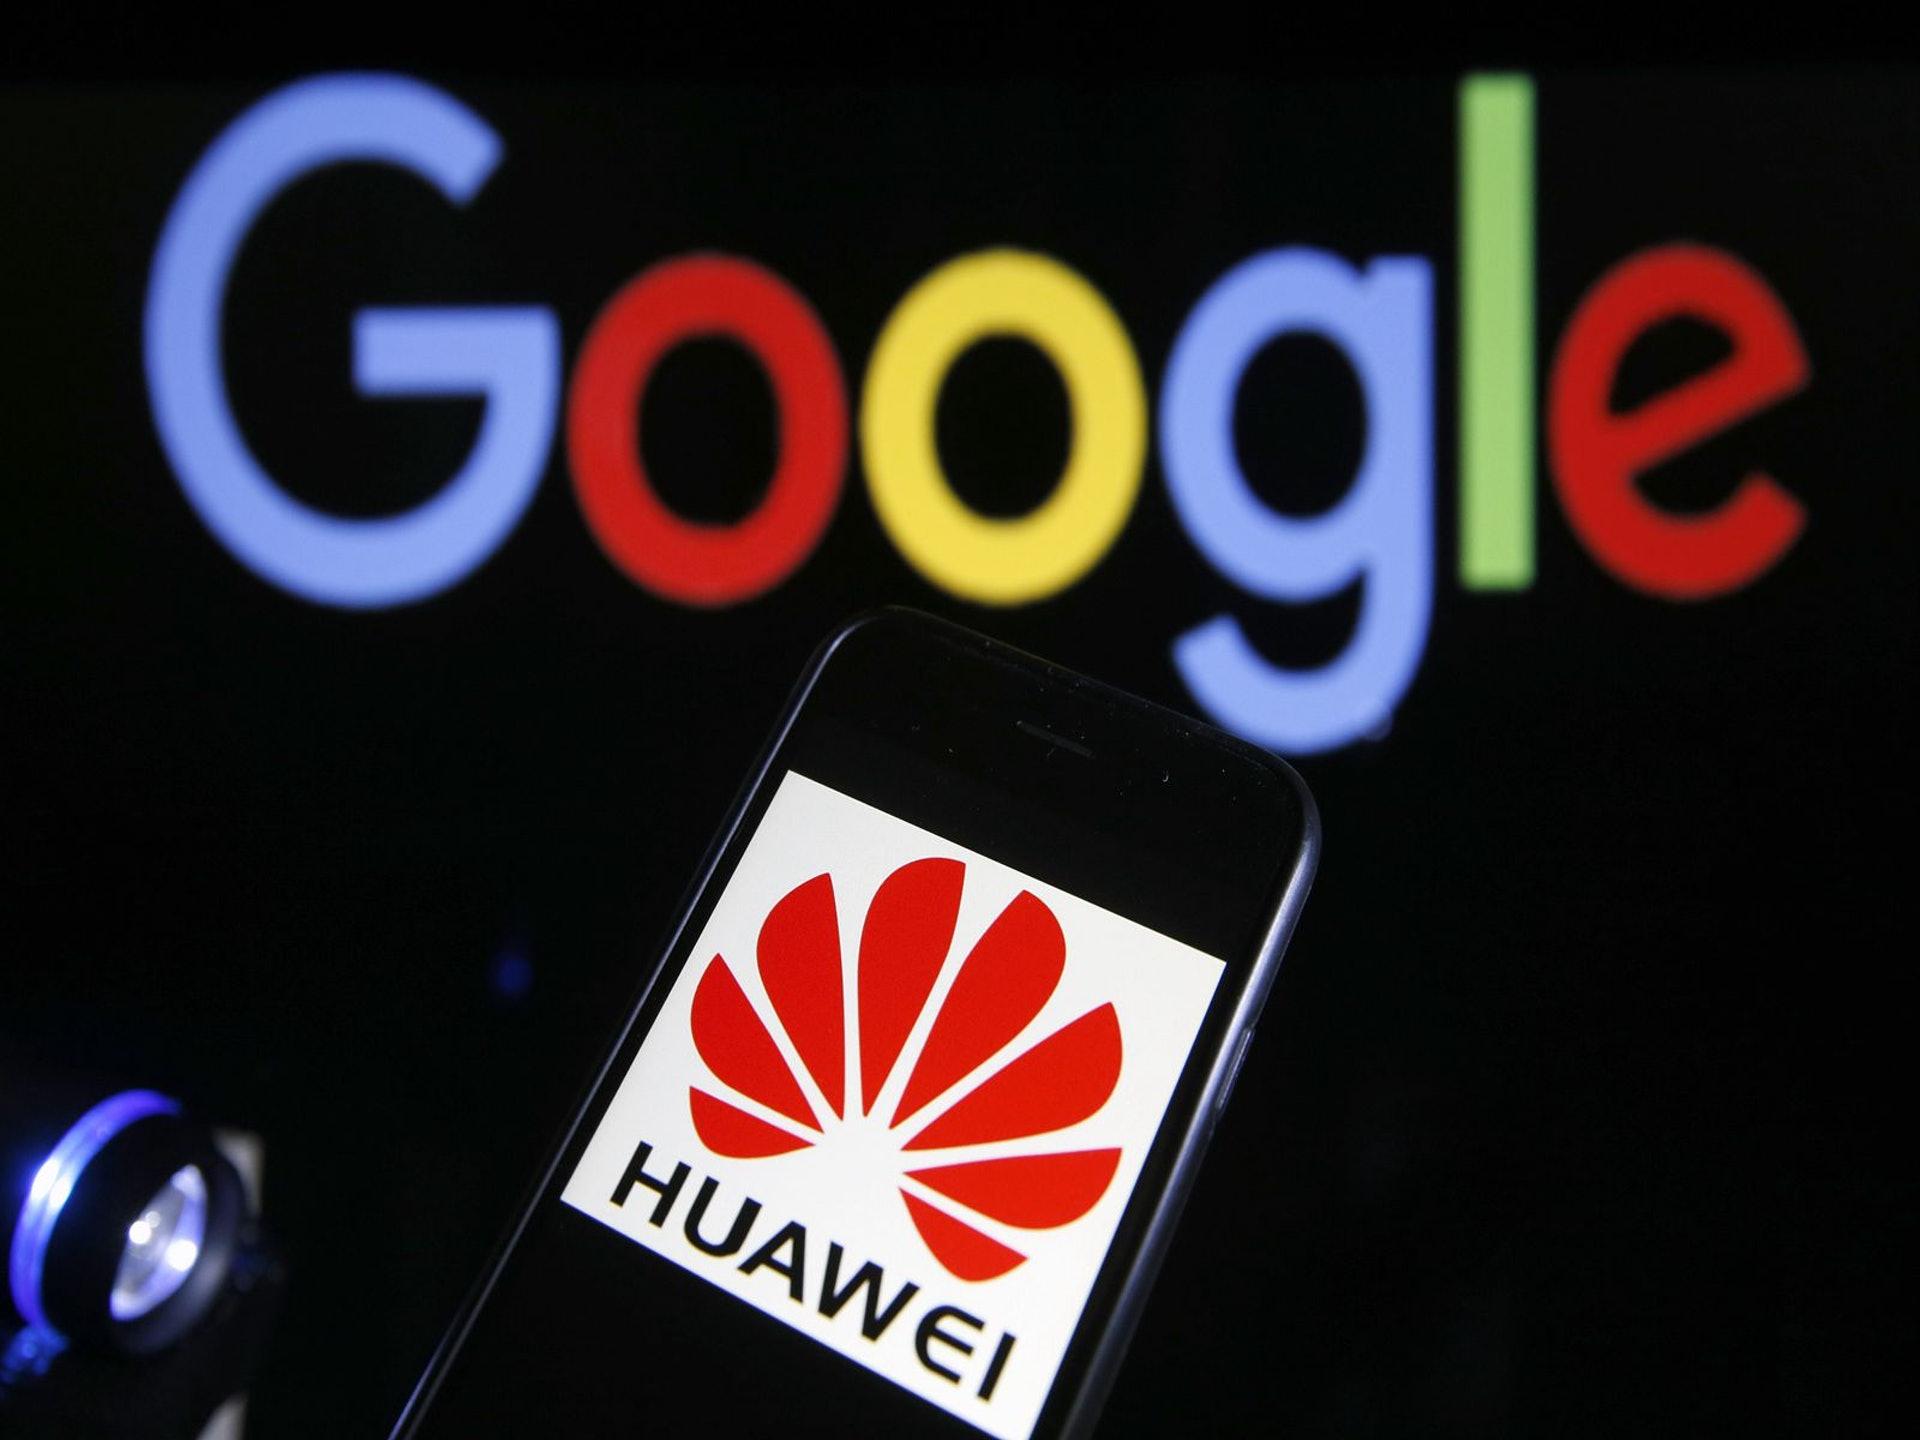 谷歌已終止與華為的商業活動,影響不可低估(VCG)